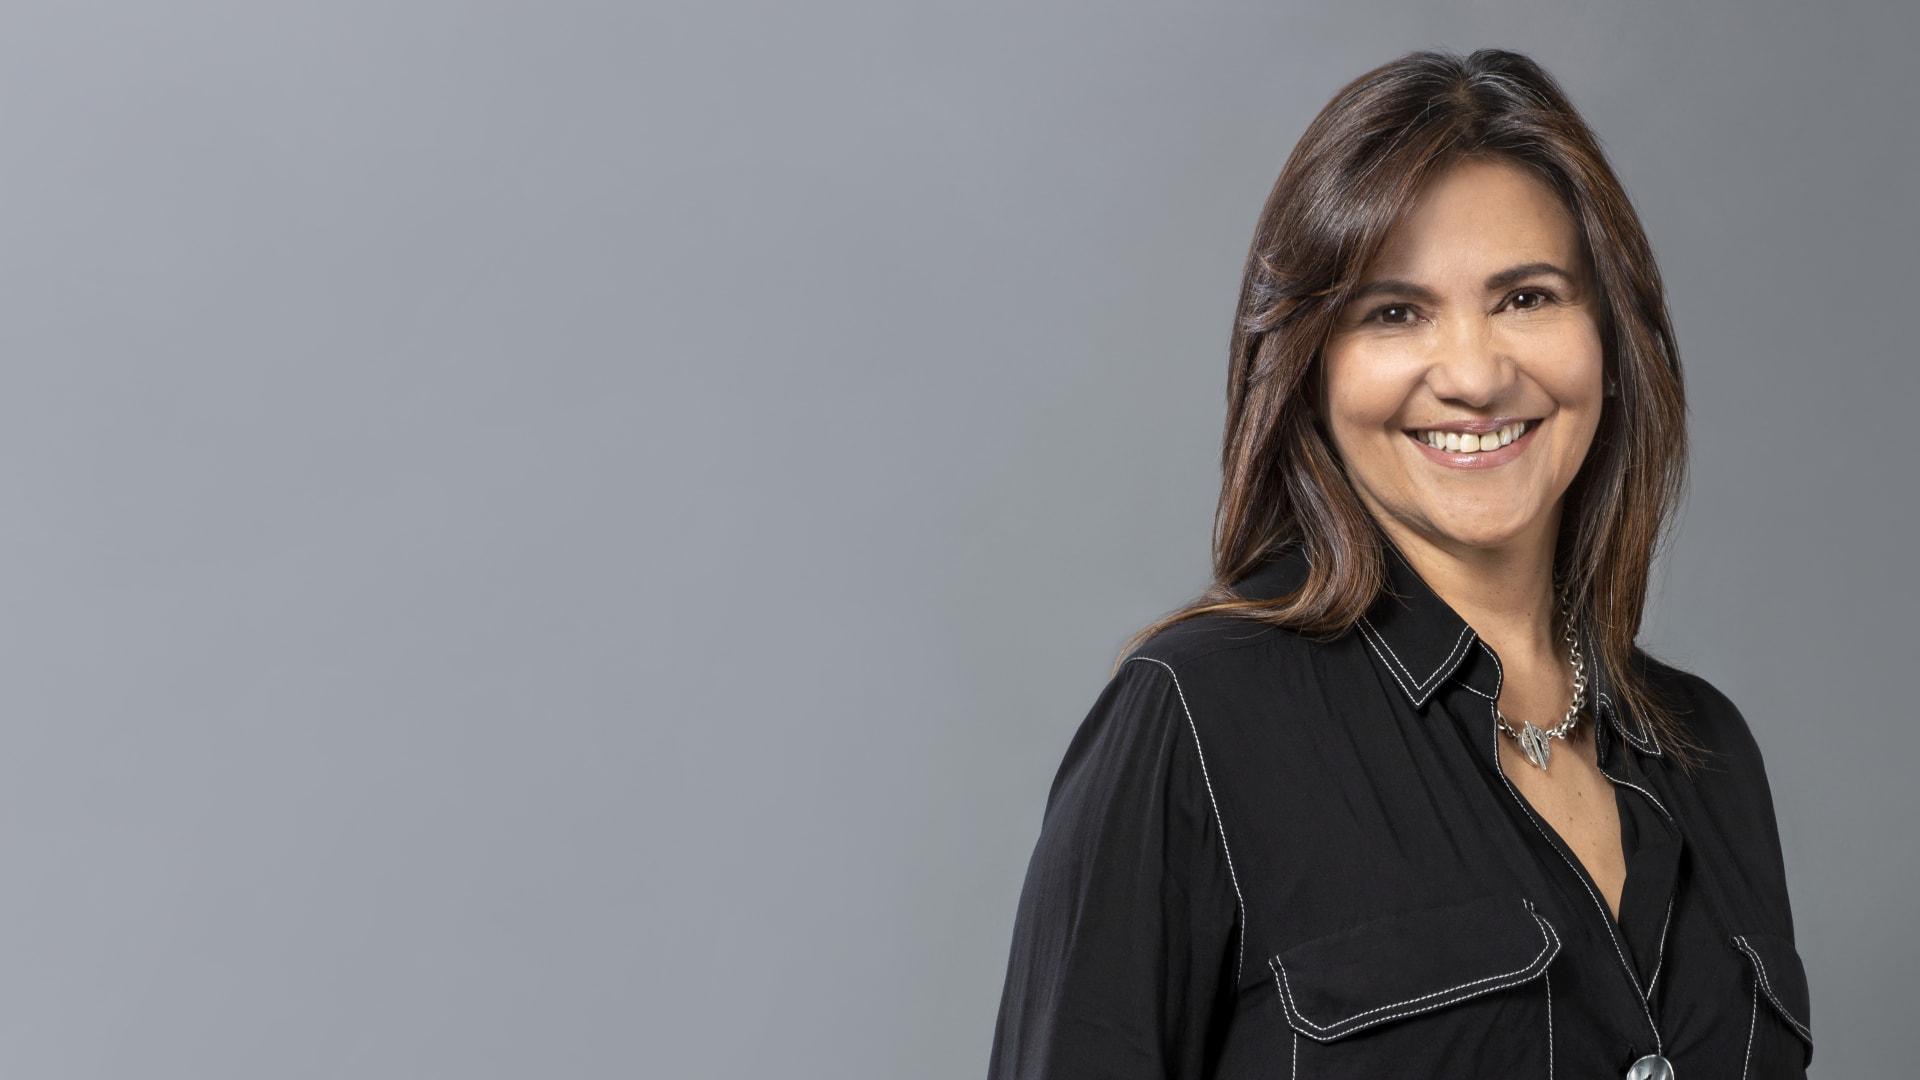 Adriana Veytia